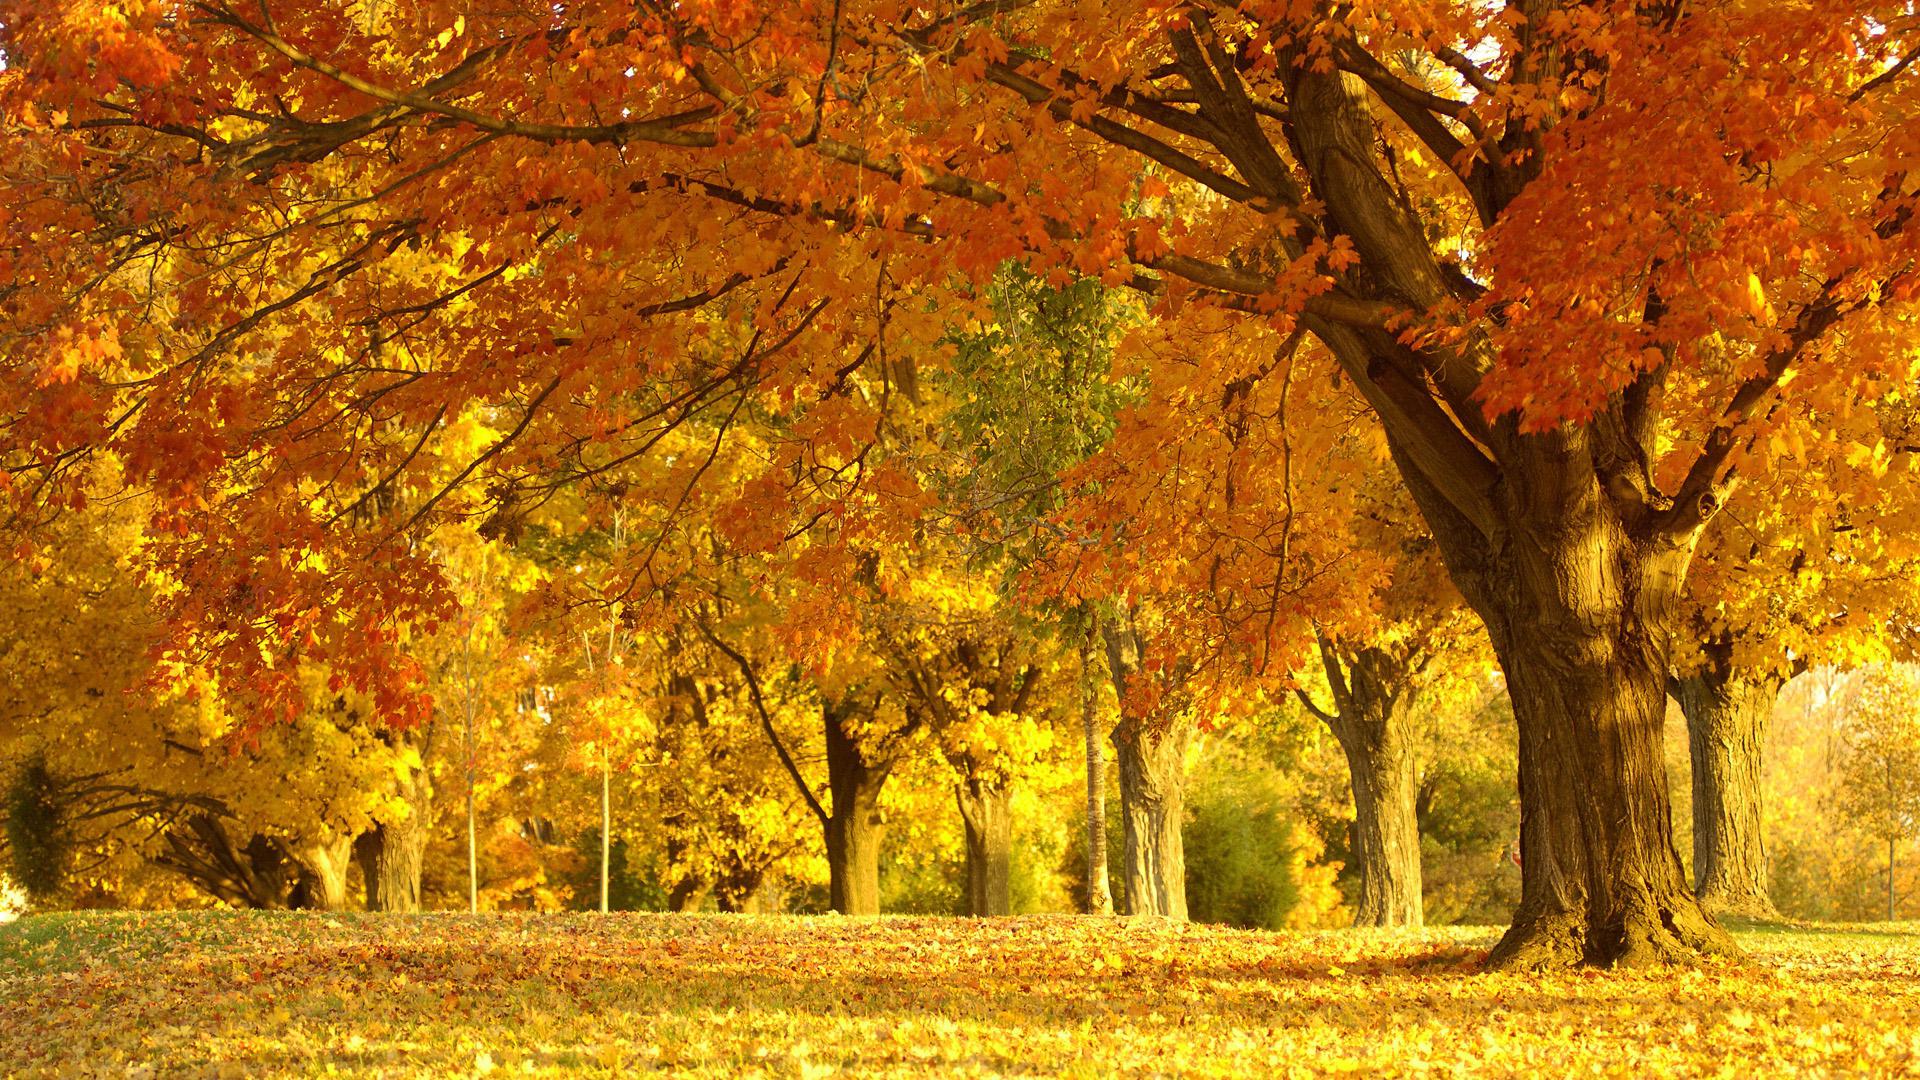 Autumn Forest Wallpaper For Desktop   HD Wallpapers 1920x1080